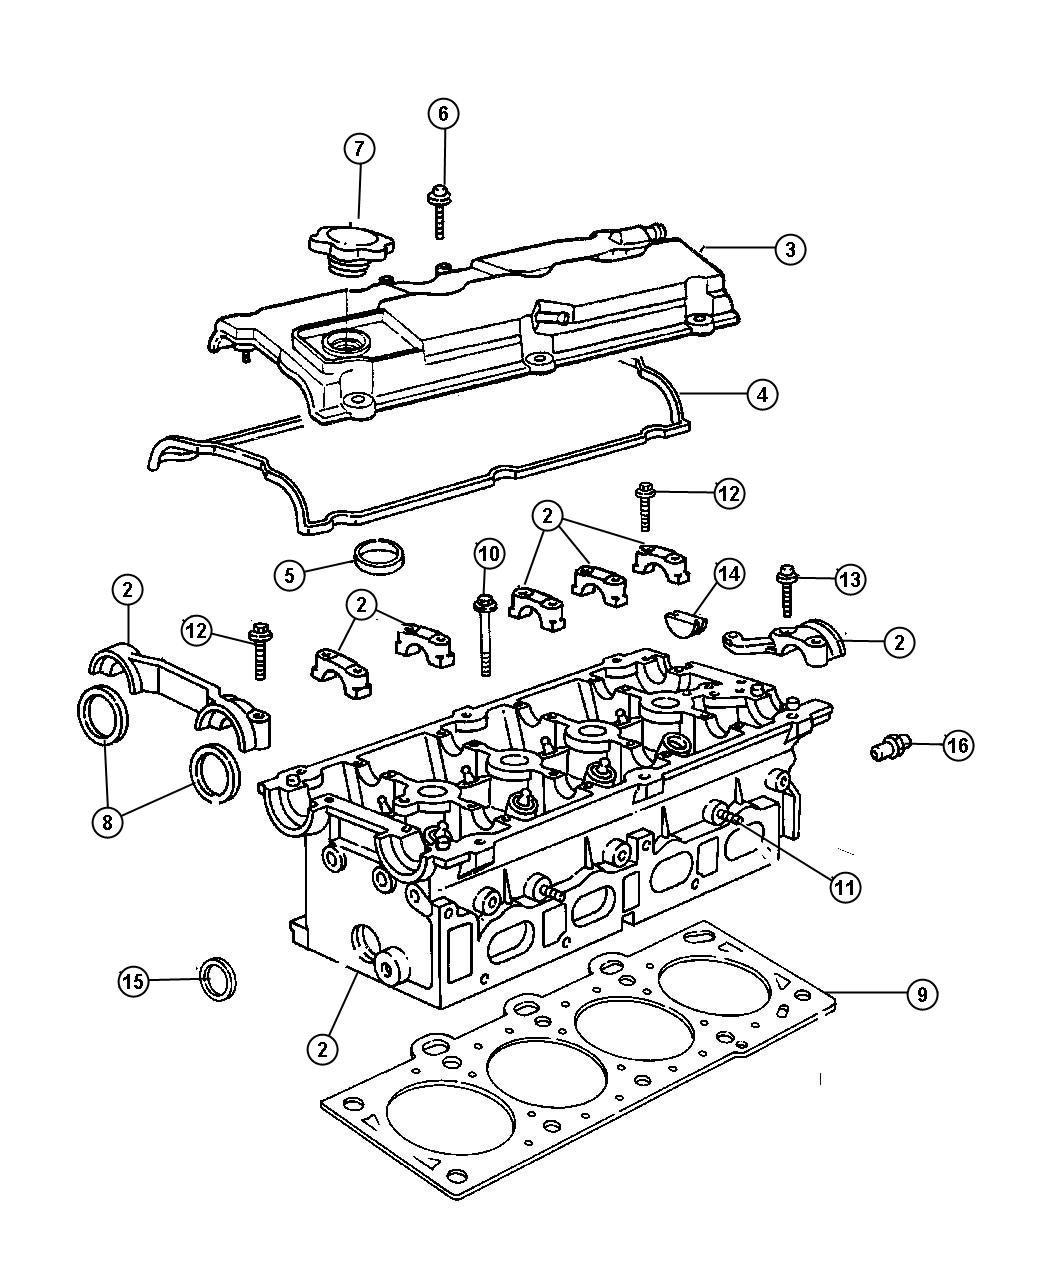 Chrysler Pt Cruiser Gasket. Cylinder head cover, valve